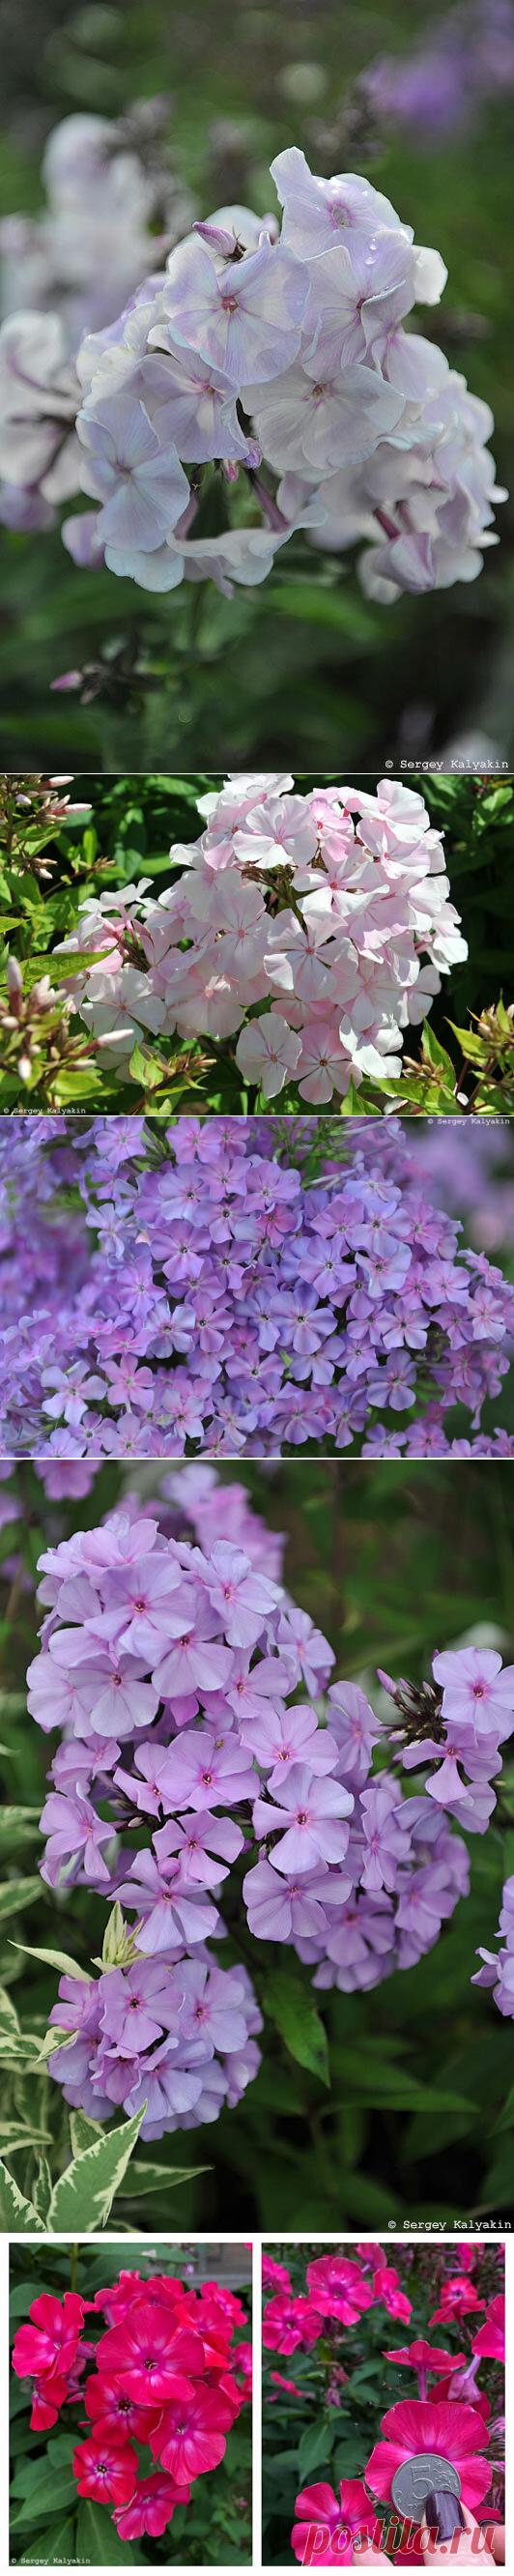 Еще 10 красивых флоксов для вашего сада | Сады и цветы | Яндекс Дзен